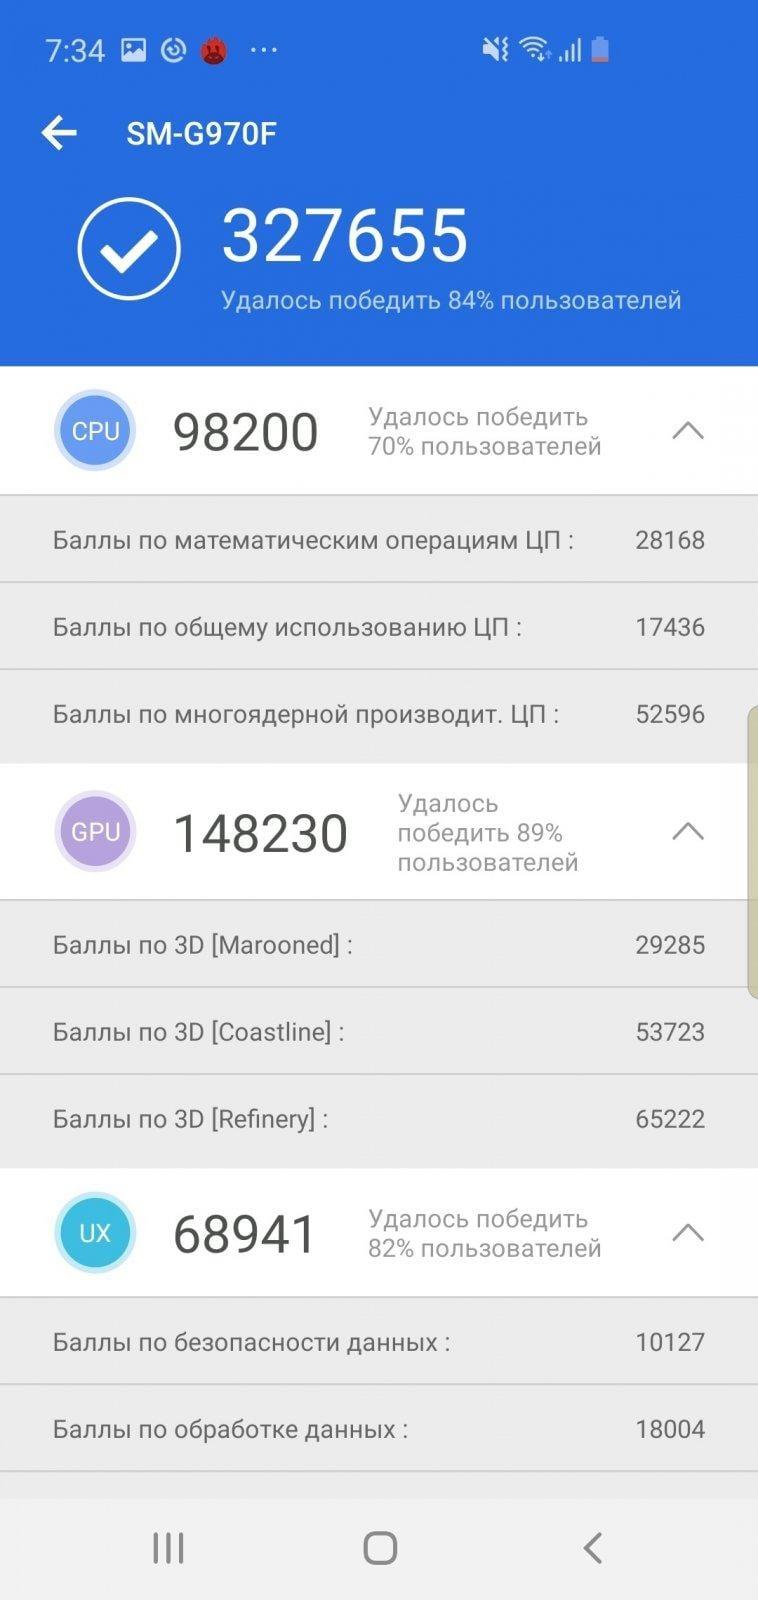 Обзор Samsung Galaxy S10e. Лучший компактный флагман (screenshot 20190417 073500 antutu benchmark)